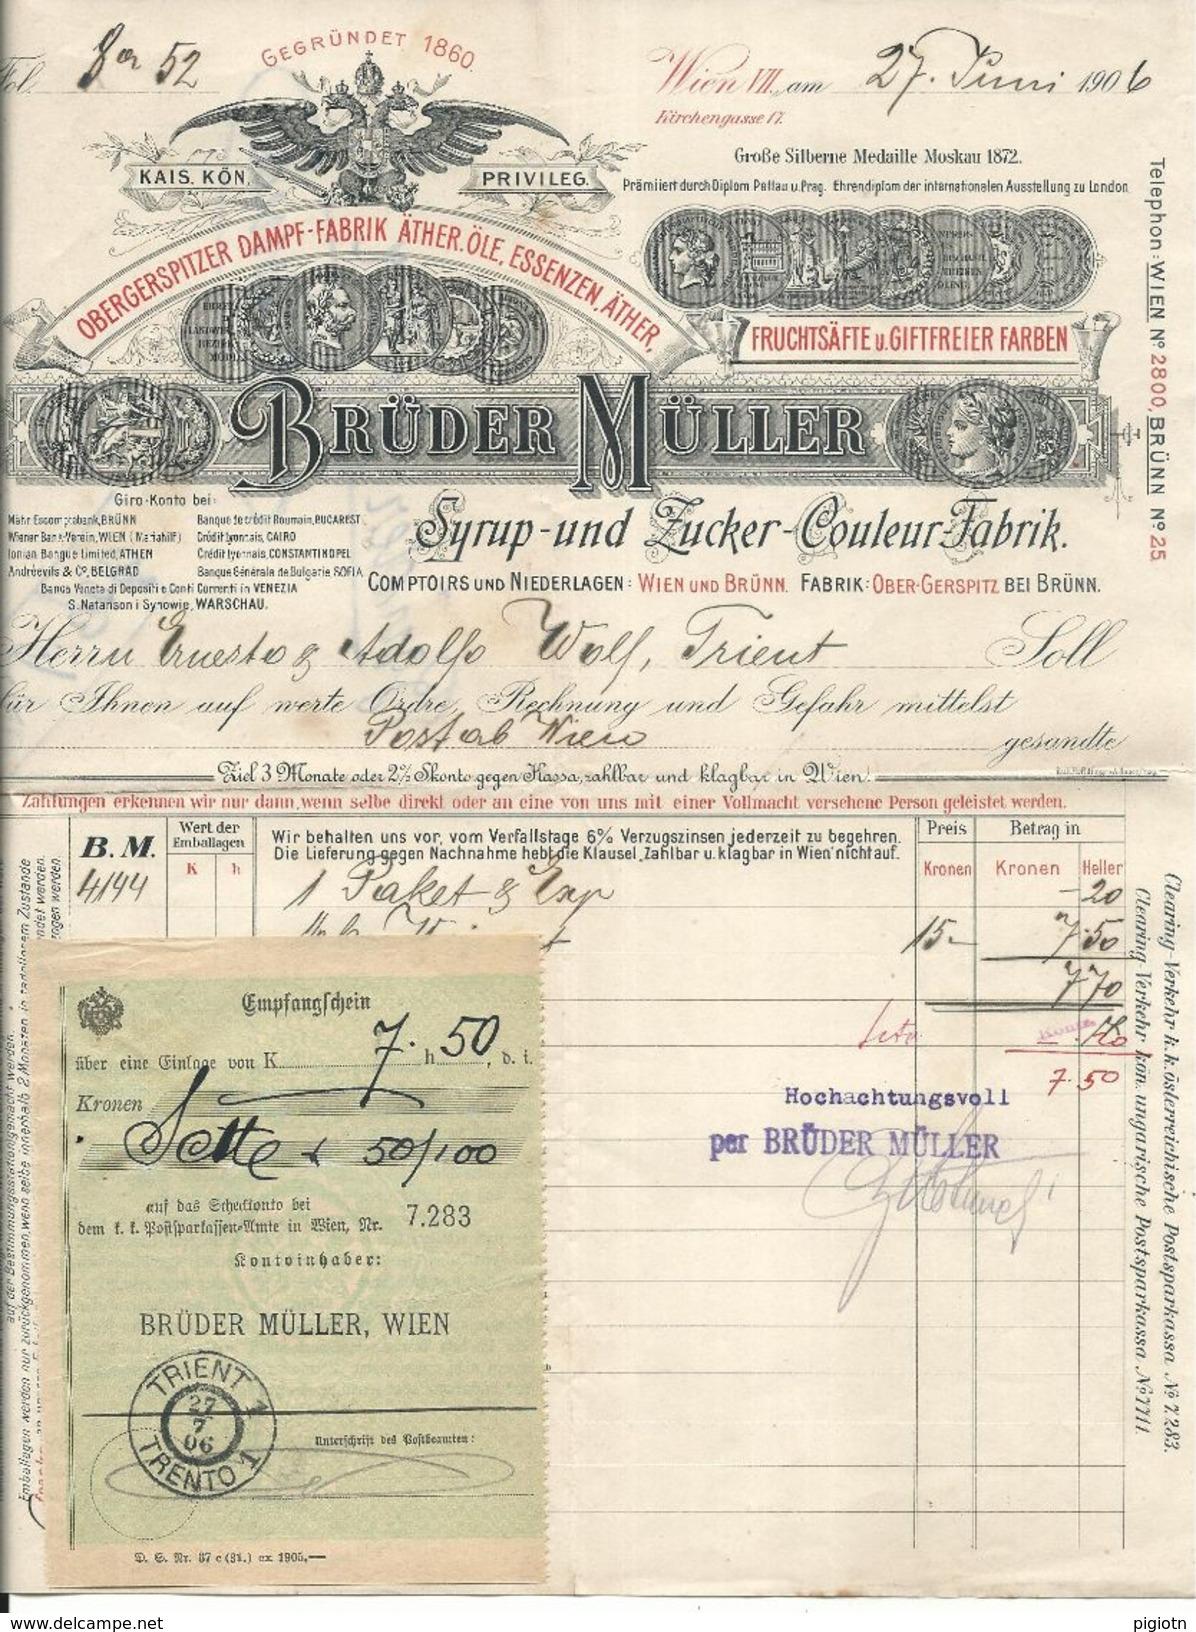 FAT64 - FATTURA 1906 BRùDER MùLLER - VIENNA WIEN -  SYRUP - UND ZUCKER - COULEUR FABRIK - Austria